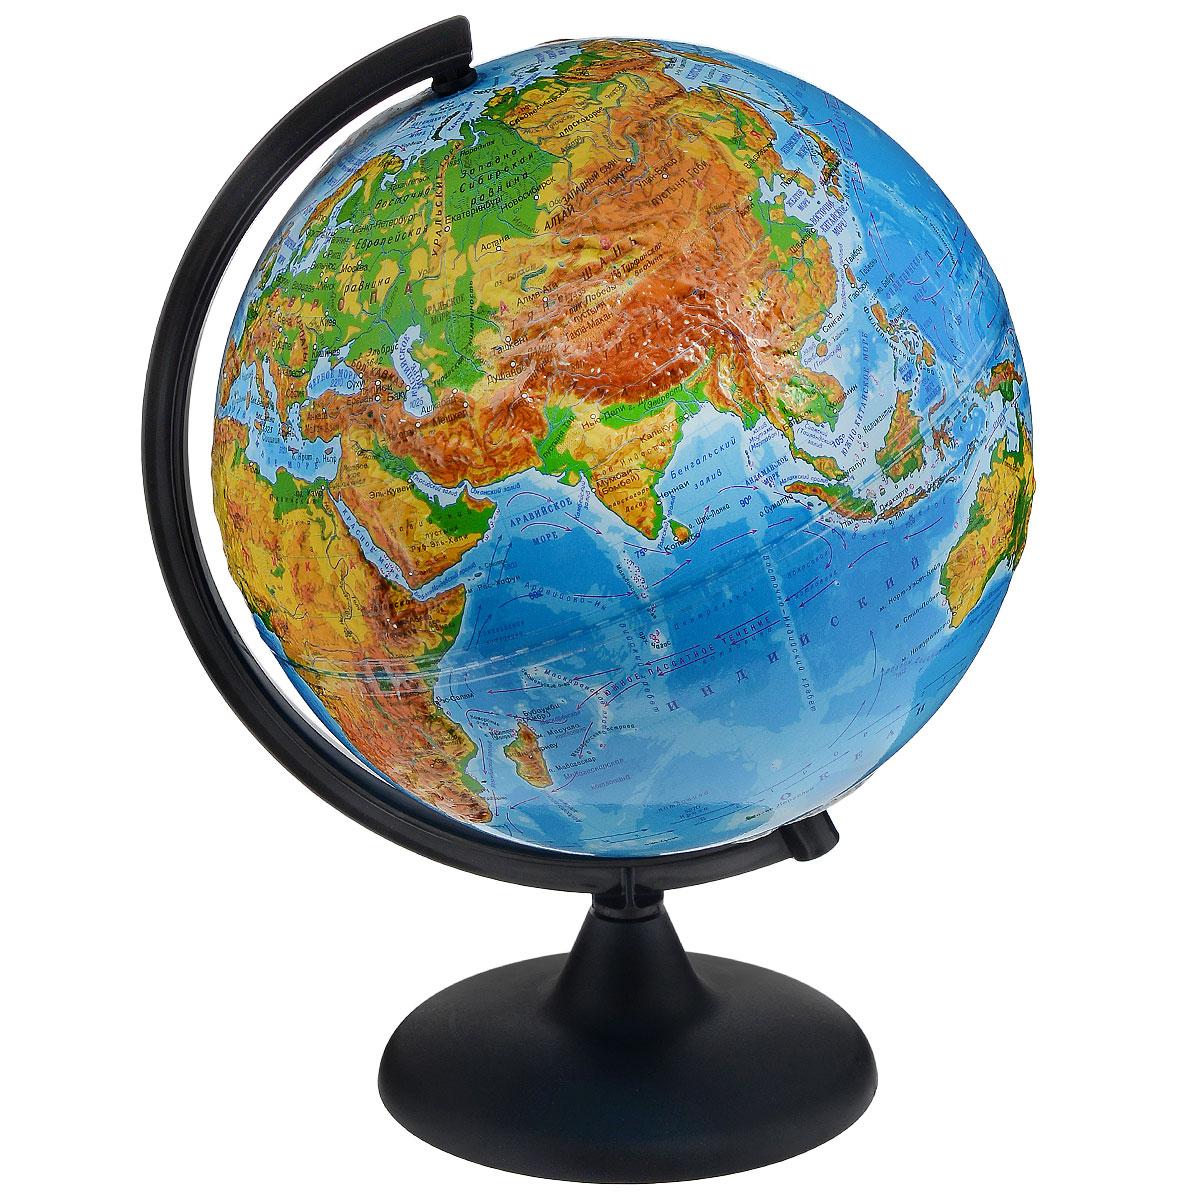 Географический глобус с физической картой мира станет незаменимым атрибутом обучения не только школьника, но и студента. На глобусе отображены линии картографической сетки, гидрографическая сеть, рельеф суши и морского дна, крупнейшие населенные пункты, теплые и холодные течения. Глобус является уменьшенной и практически не искаженной моделью Земли и предназначен для использования в качестве наглядного картографического пособия, а также для украшения интерьера квартир, кабинетов и офисов. Красочность, повышенная наглядность визуального восприятия взаимосвязей, отображенных на глобусе объектов и явлений, в сочетании с простотой выполнения по нему различных измерений делают глобус доступным широкому кругу потребителей для получения разнообразной познавательной, научной и справочной информации о Земле. Масштаб: 1:50000000.